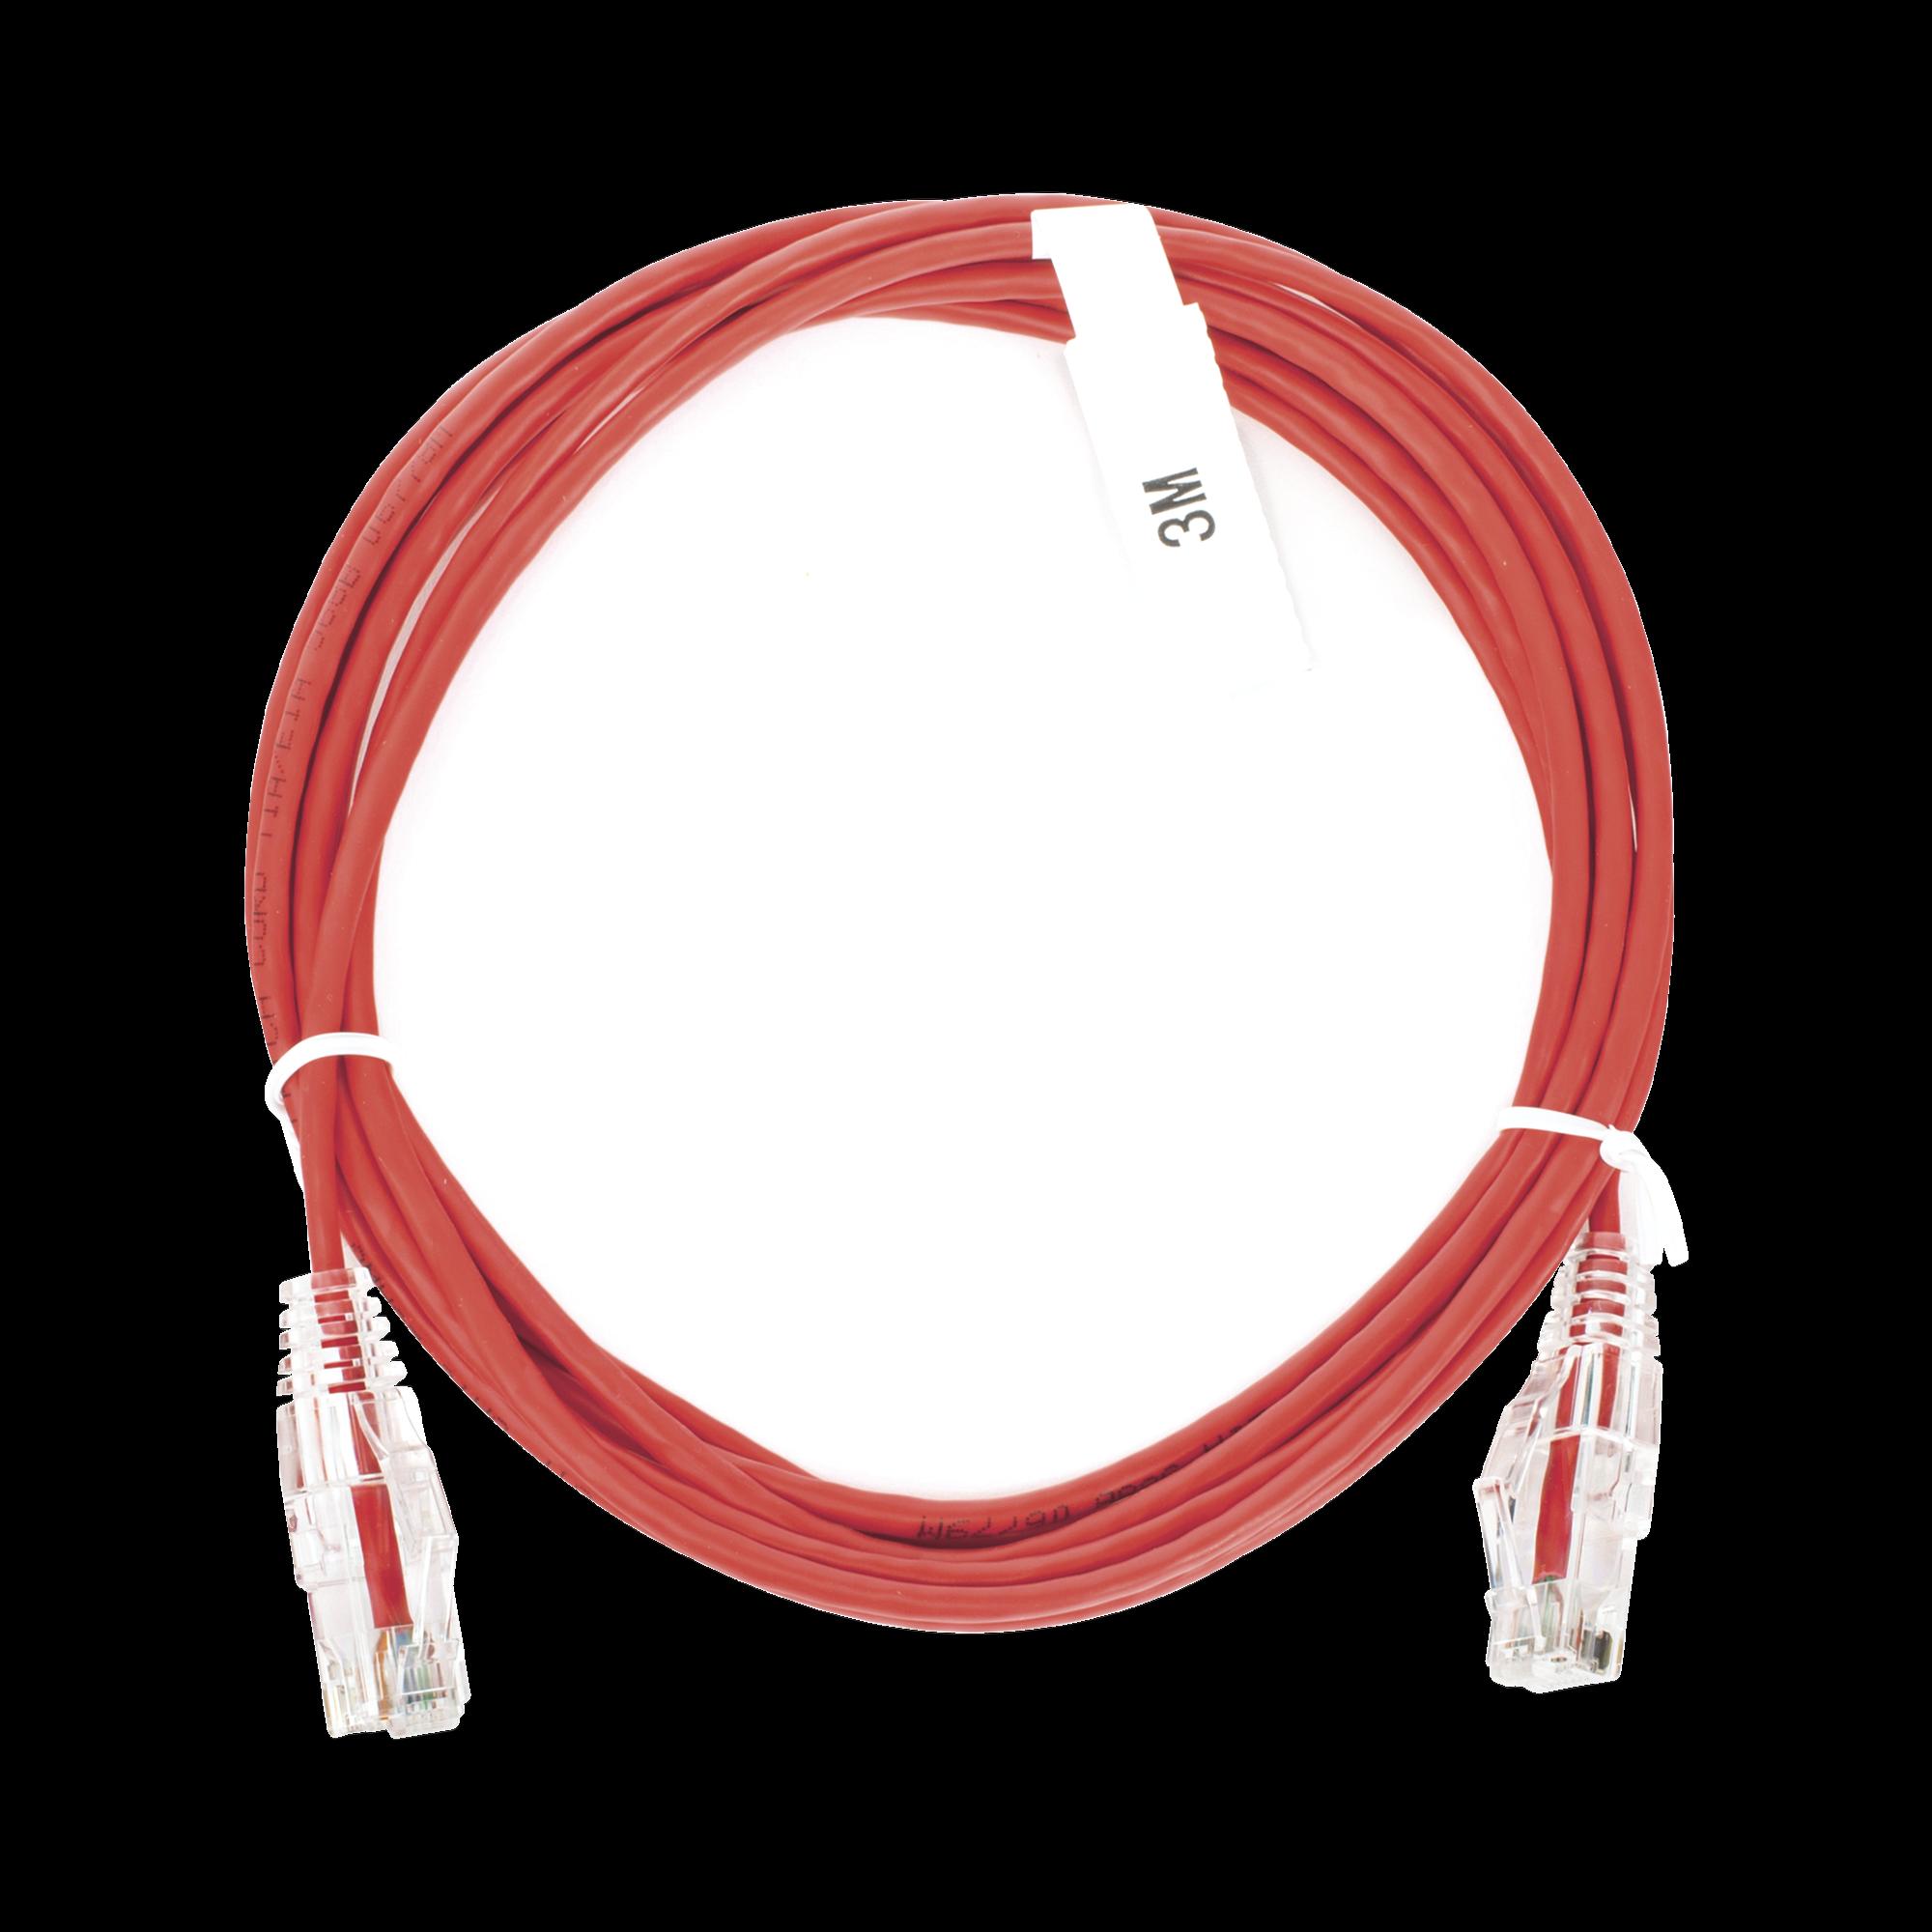 Cable de Parcheo Slim UTP Cat6 - 3 m Rojo Diámetro Reducido (28 AWG)